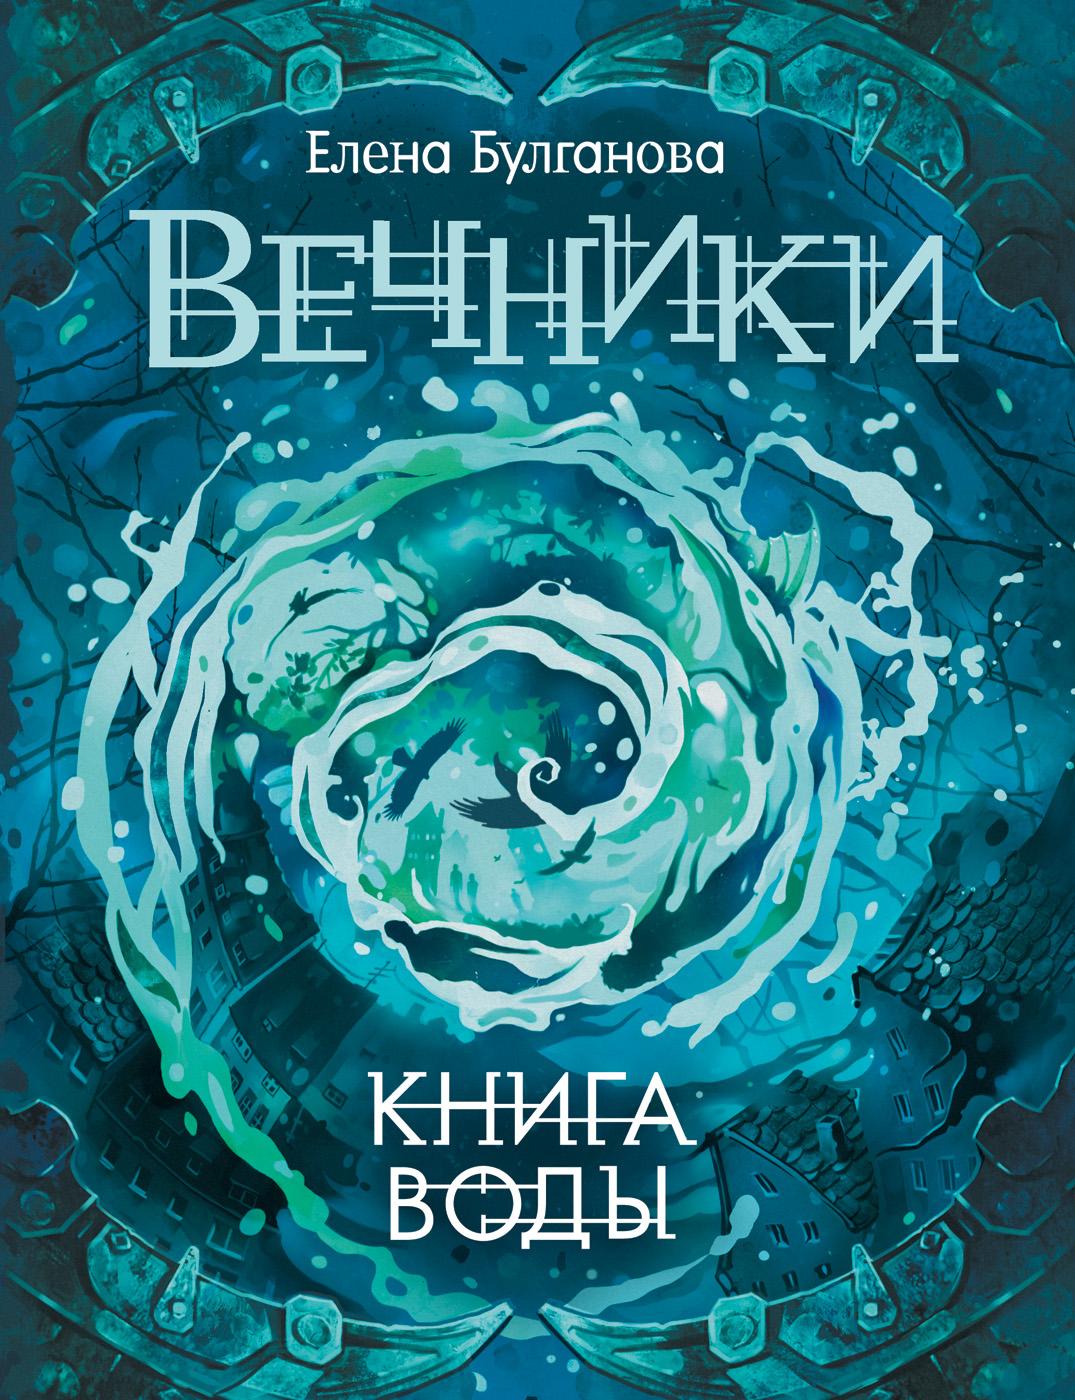 Булганова Е. Вечники. Книга 1. Книга воды